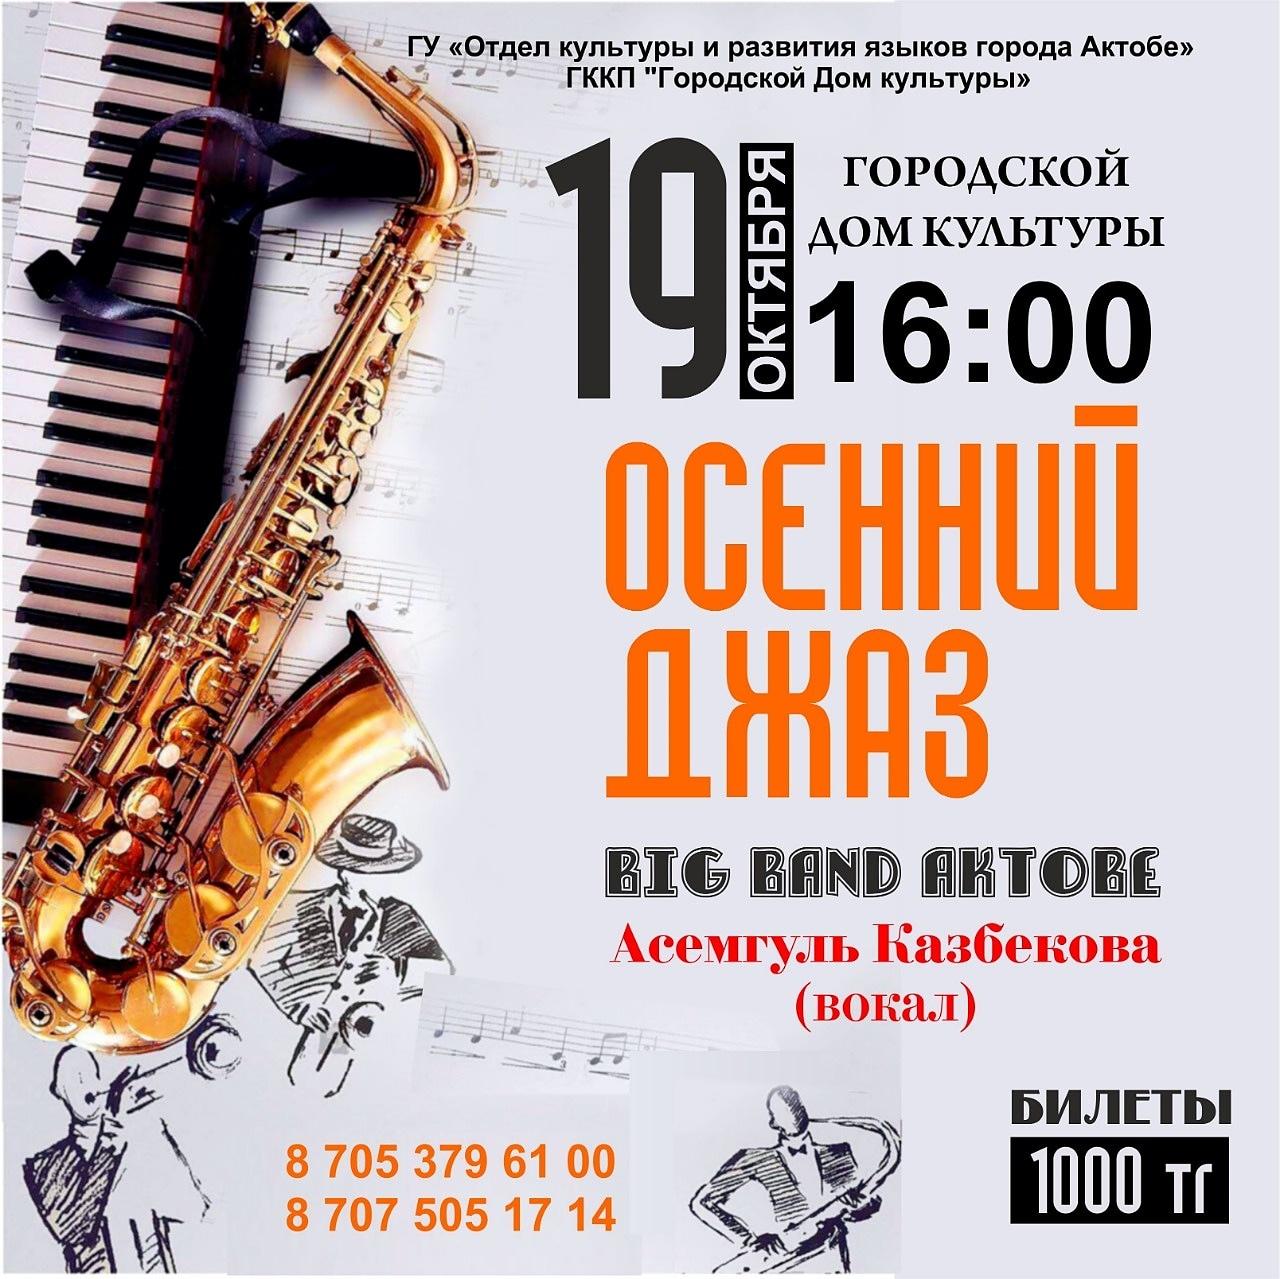 Осенний джаз